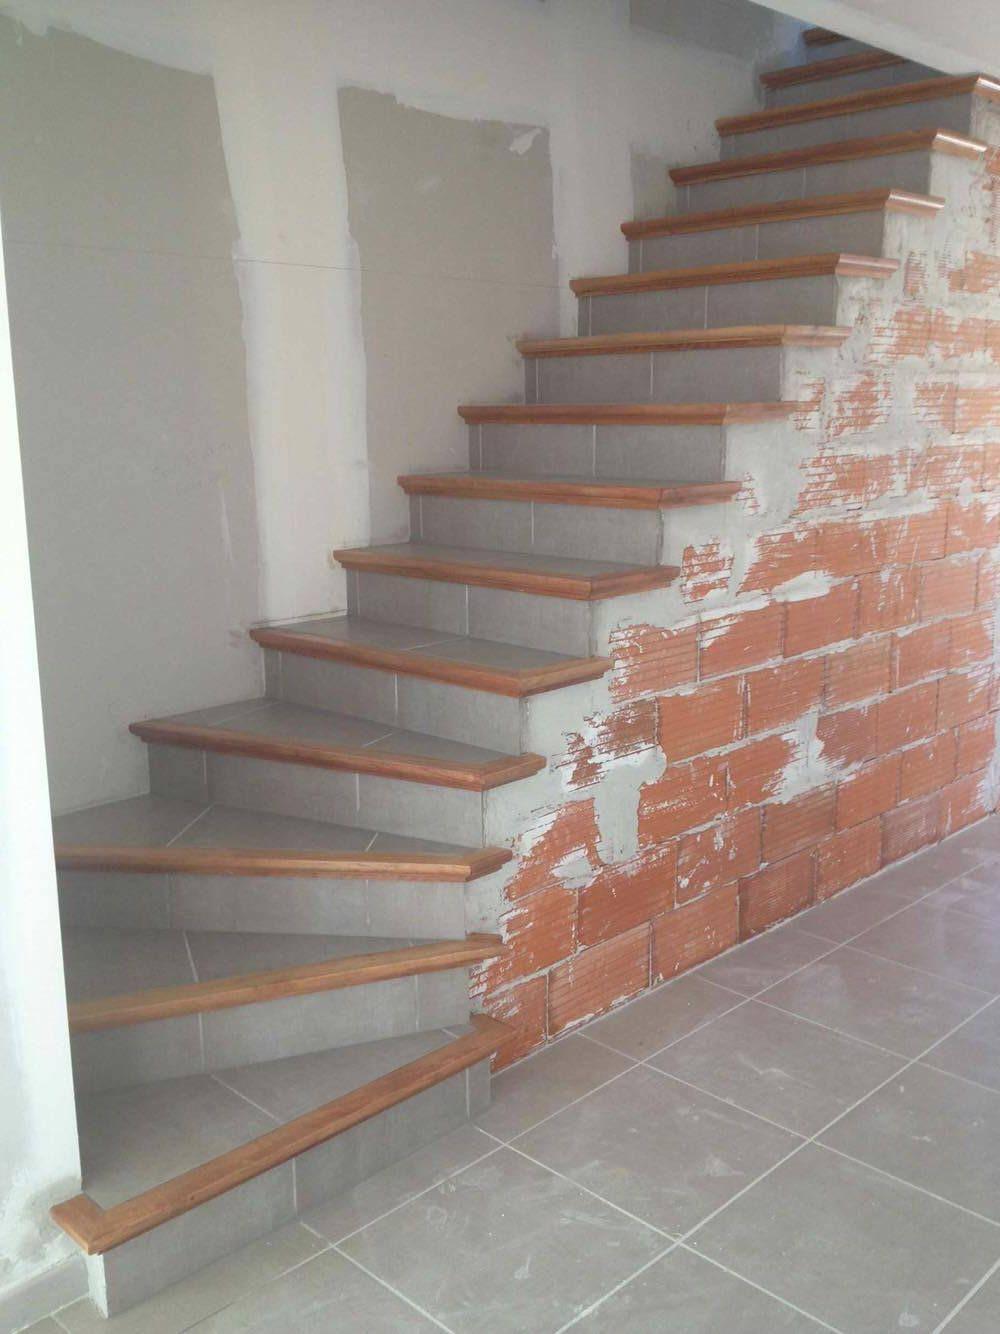 L'escalier béton carrelé est un escalier fini avec nez de